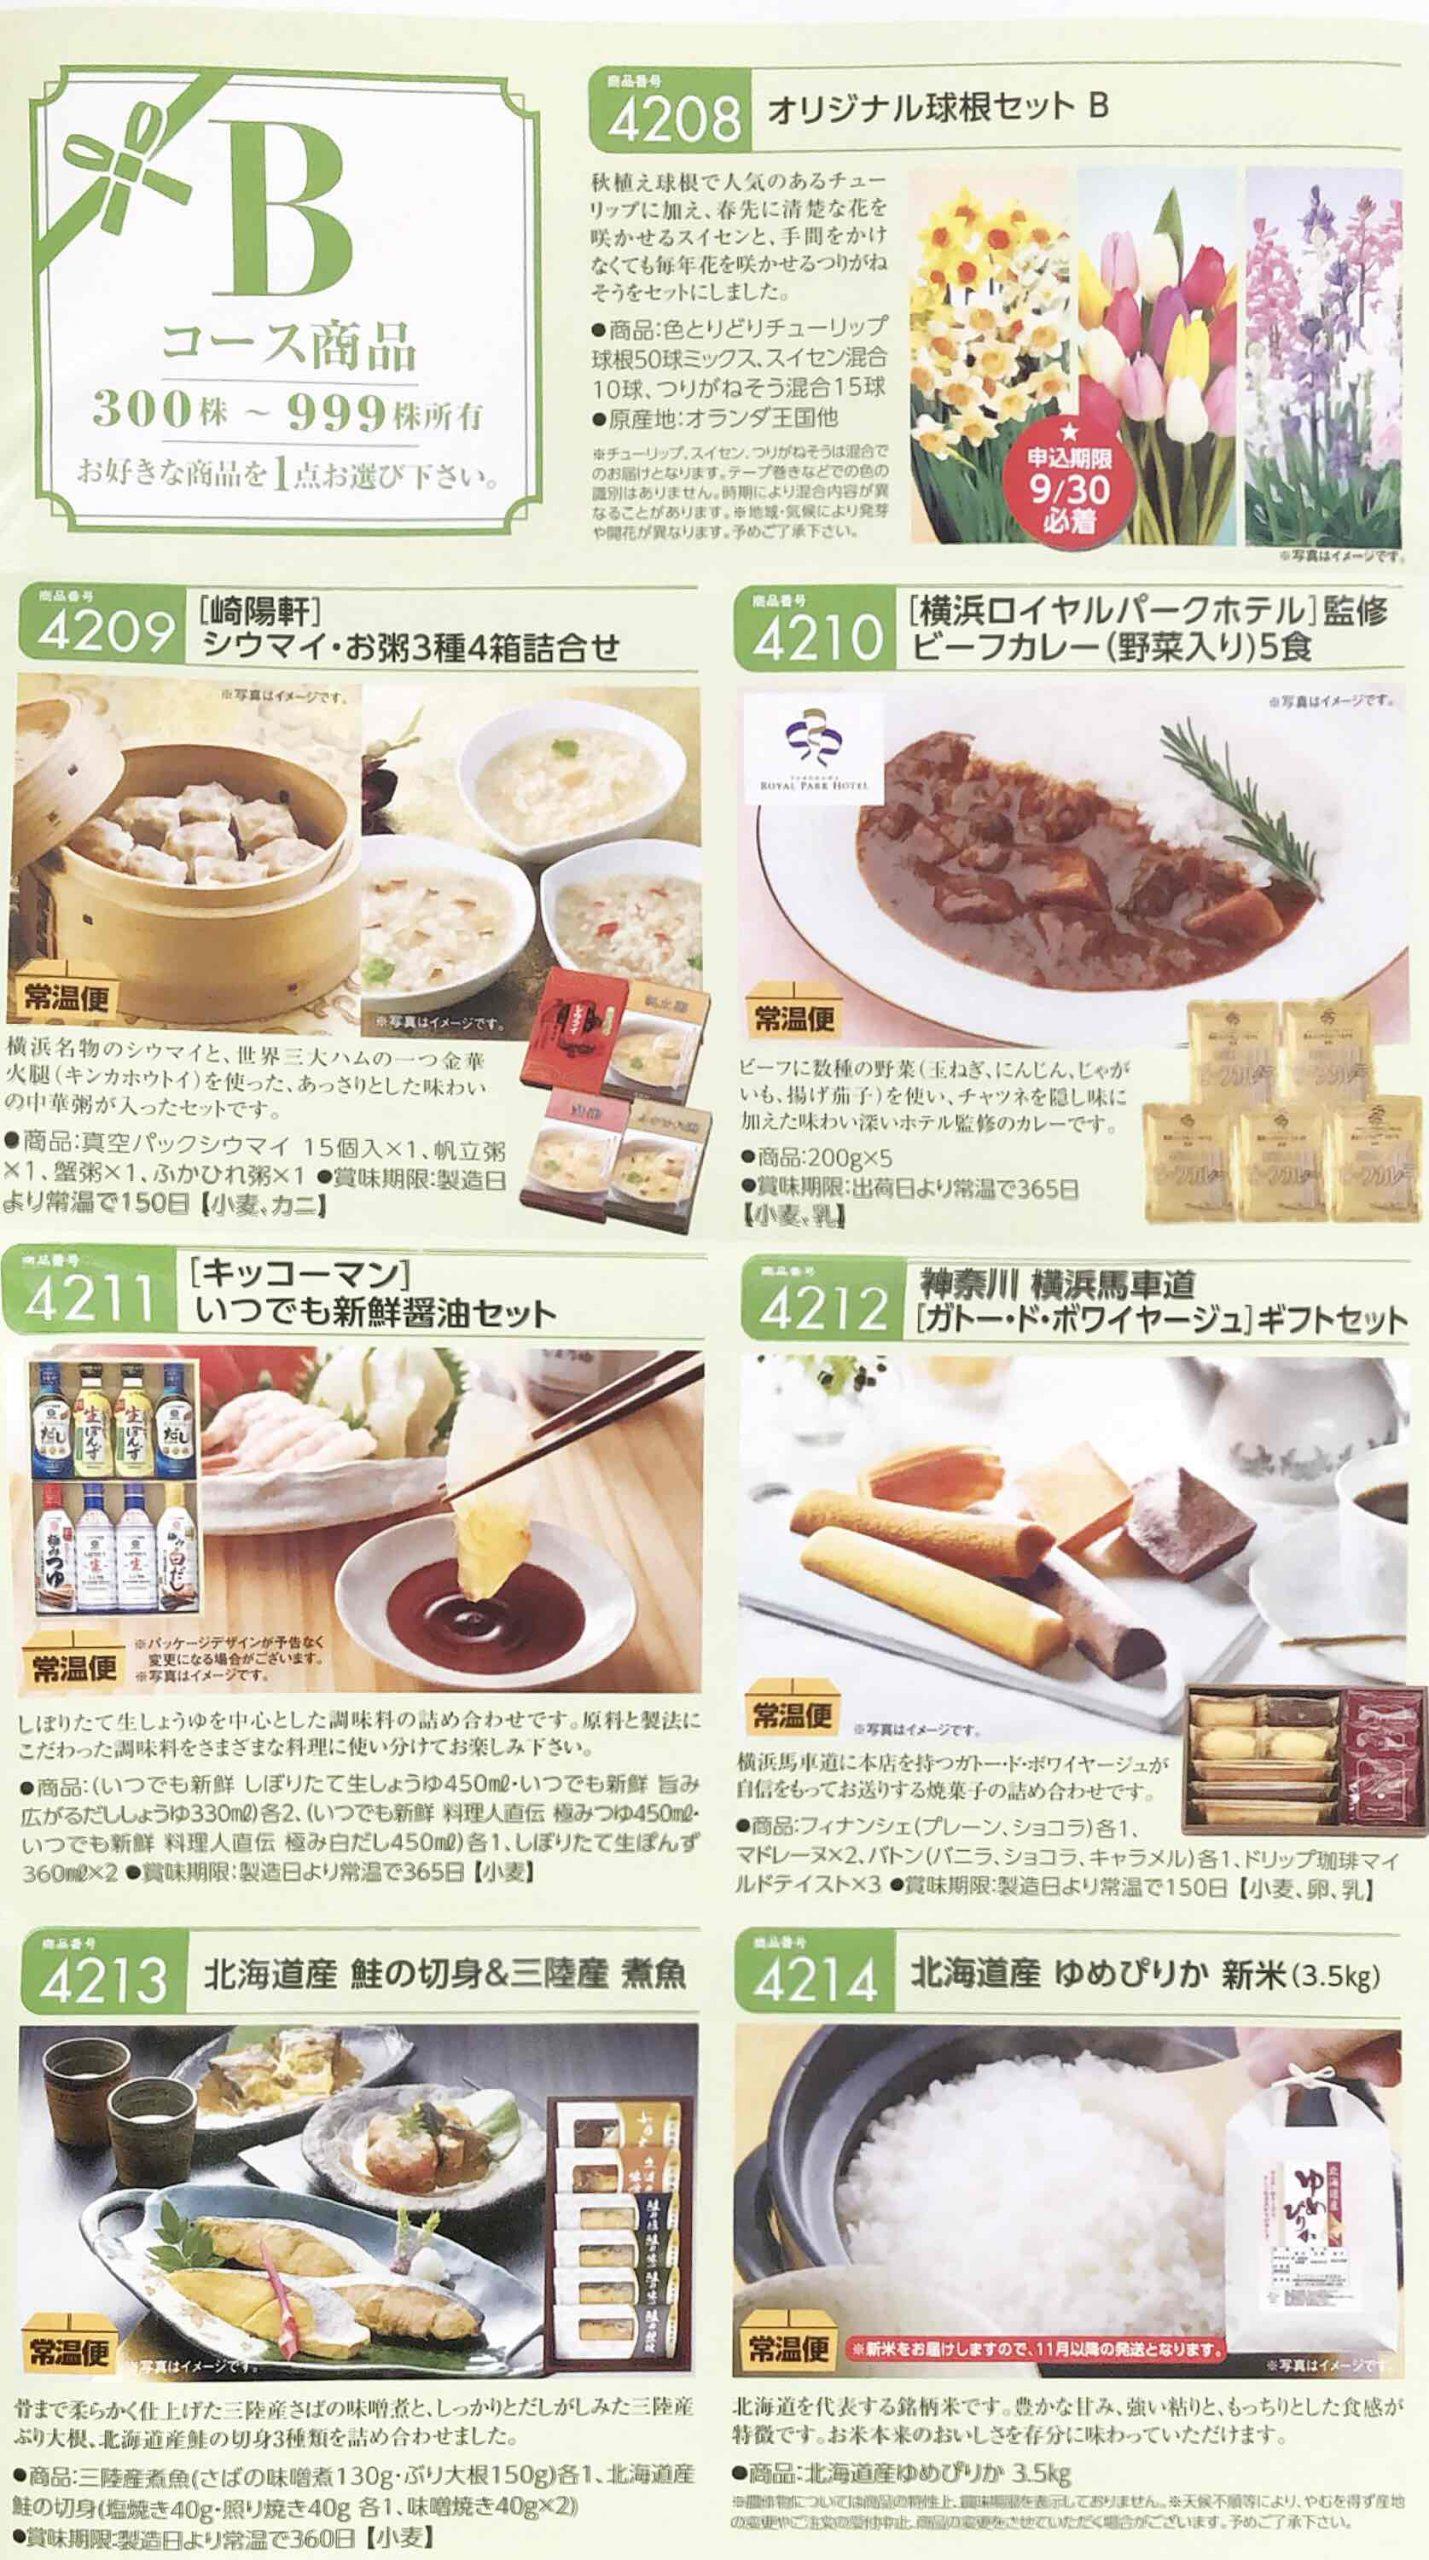 サカタのタネ 優待300株Bコース